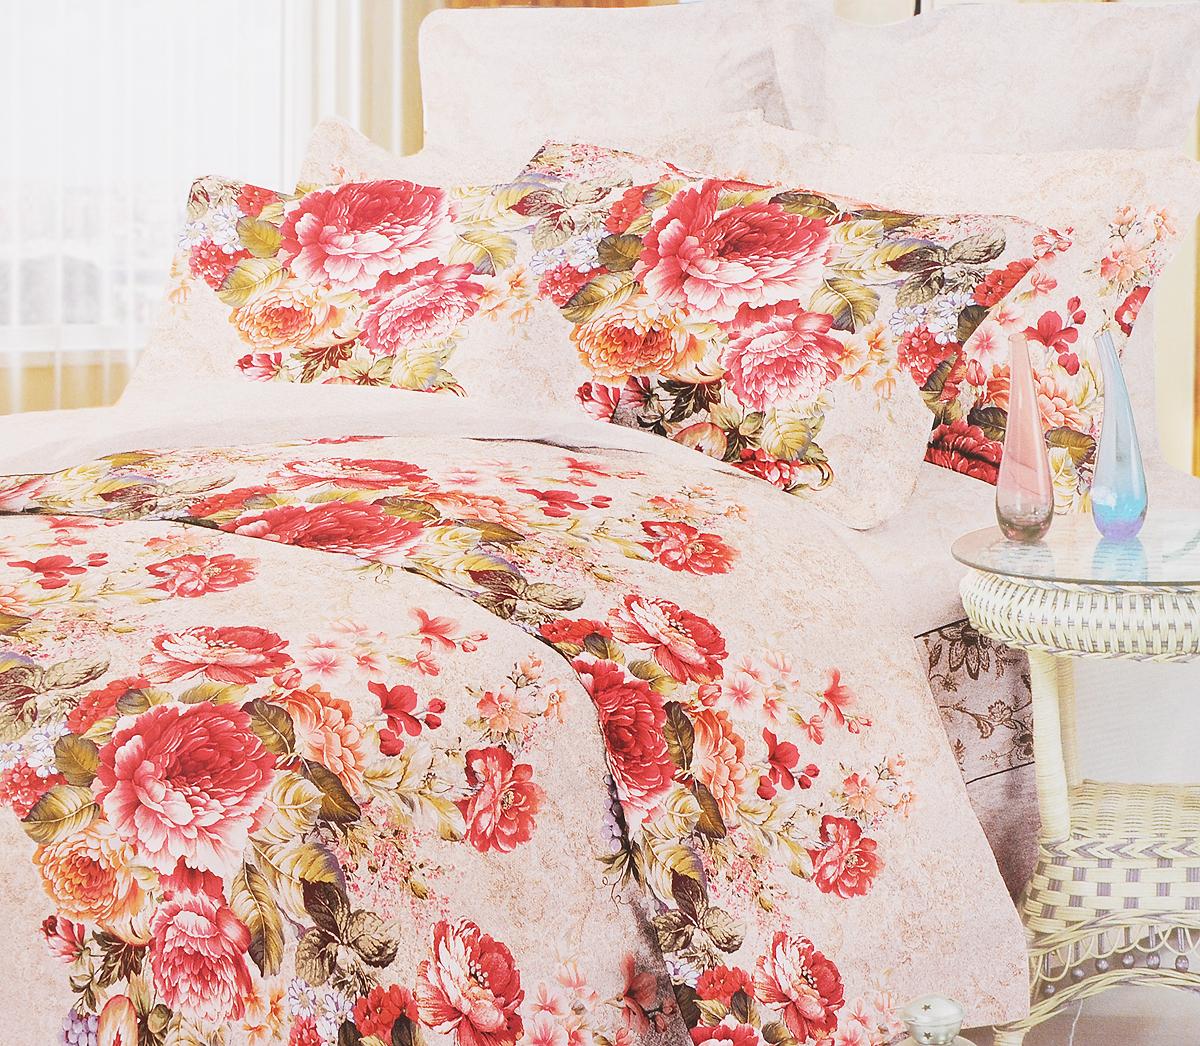 Комплект белья Primavera Букет роз, 1,5-спальный, наволочки 70x70, цвет: светло-коричневый, белый, красный86476Комплект постельного белья Primavera Букет роз является экологически безопасным для всей семьи, так как выполнен из высококачественного сатина (100% хлопка). Комплект состоит из пододеяльника на молнии, простыни и двух наволочек. Постельное белье оформлено ярким цветочным рисунком и имеет изысканный внешний вид. Сатин - производится из высших сортов хлопка, а своим блеском и легкостью напоминает шелк. Постельное белье из сатина превращает жаркие летние ночи в прохладные и освежающие, а холодные зимние - в теплые и согревающие. Приобретая комплект постельного белья Primavera Букет роз, вы можете быть уверенны в том, что покупка доставит вам и вашим близким удовольствие и подарит максимальный комфорт.